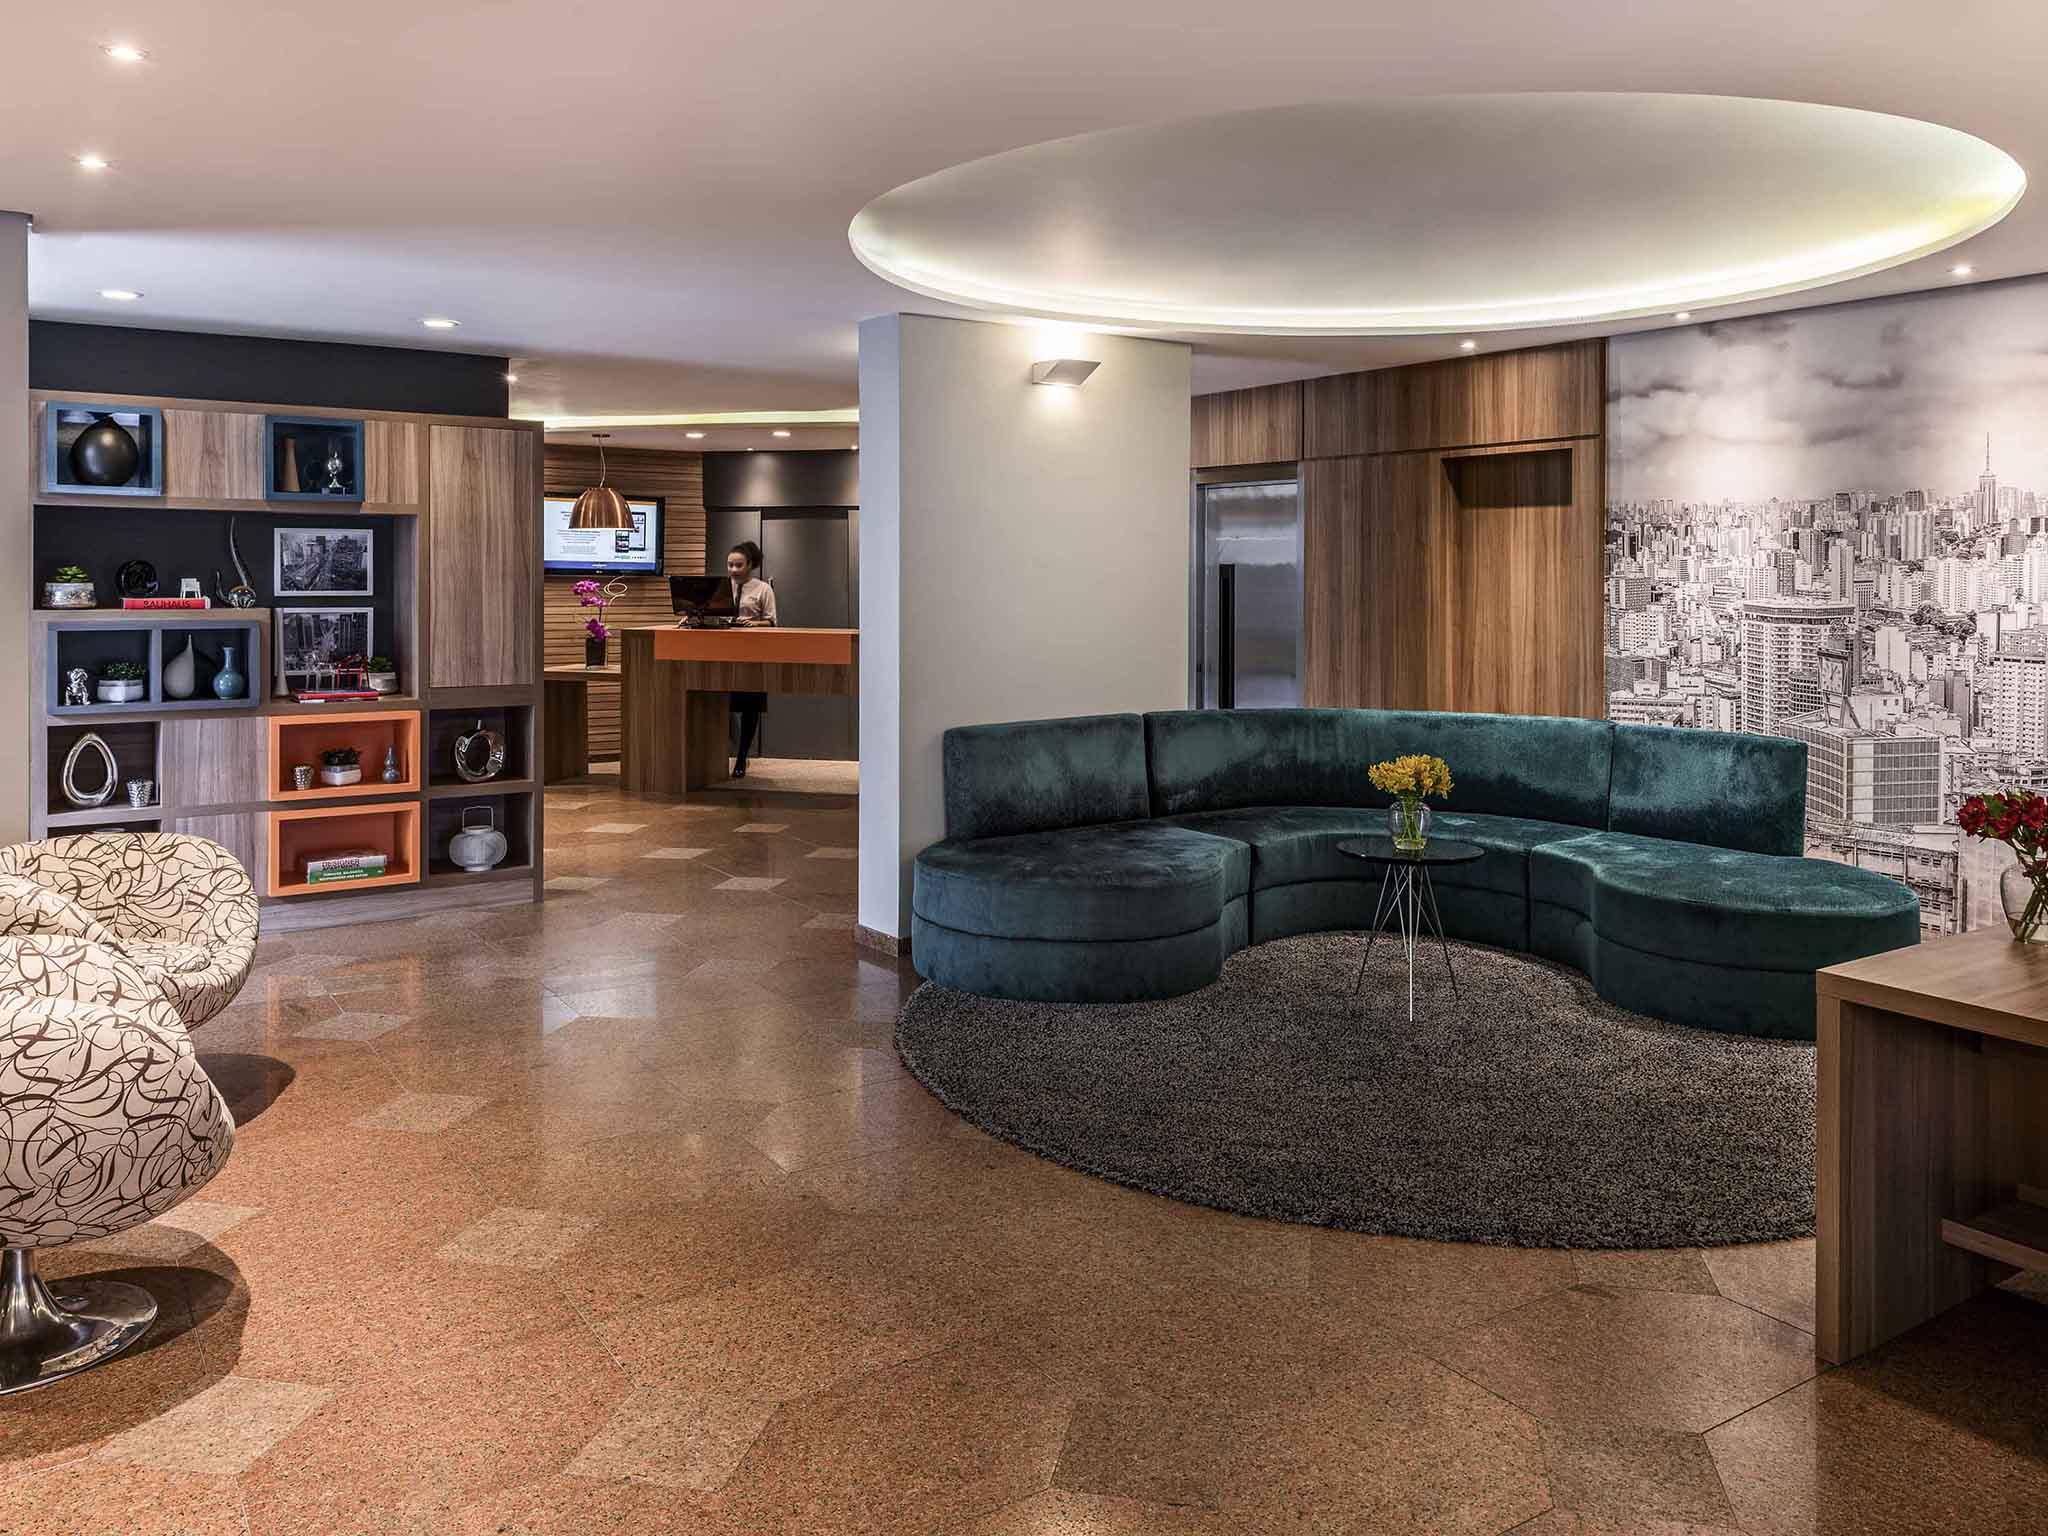 ホテル – メルキュール サンパウロ アラメダス ホテル